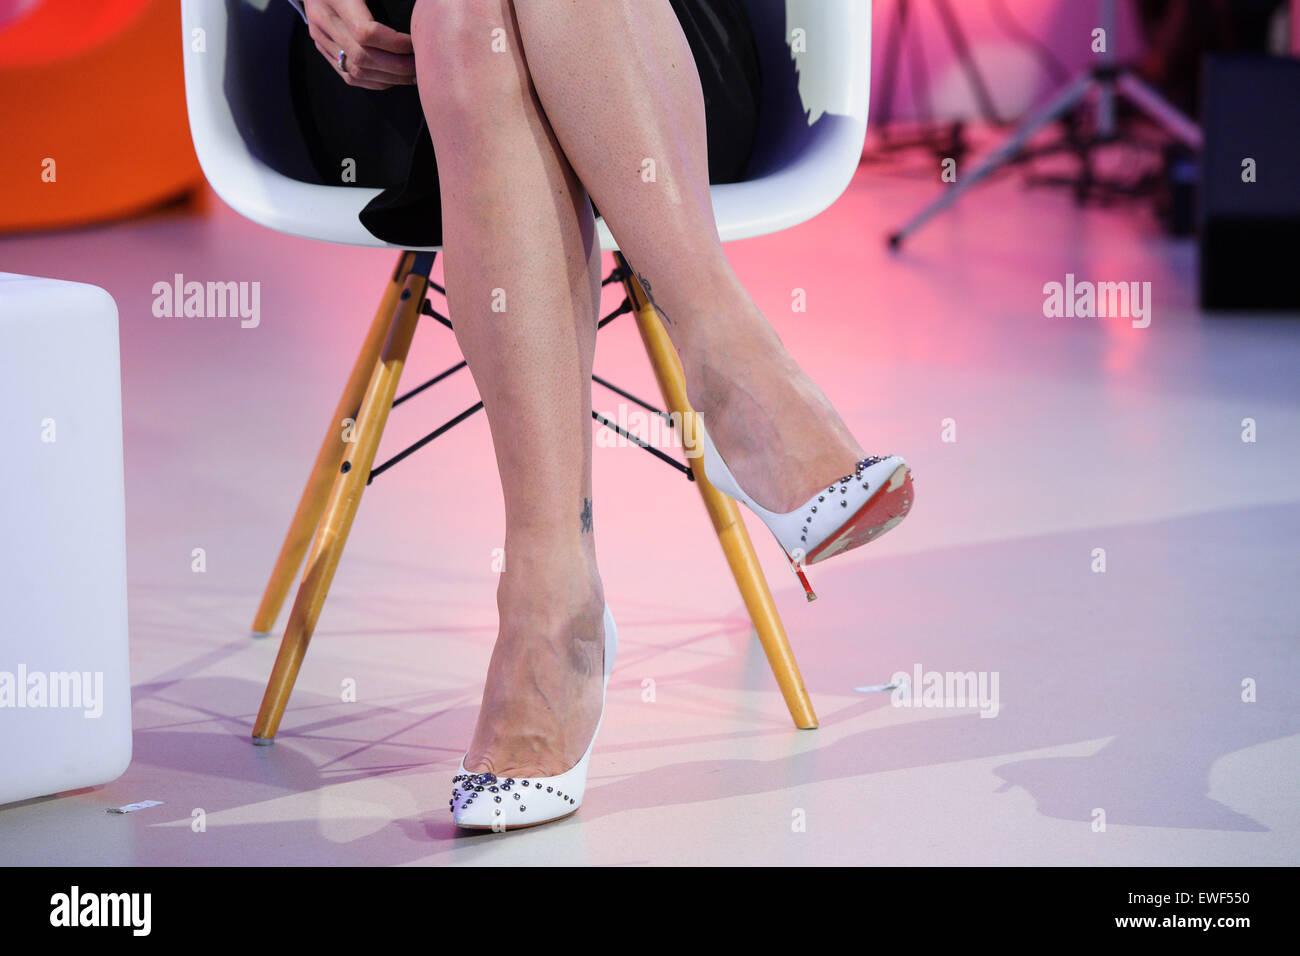 munich/allemagne - le 22 juin : un tatouage sur la jambe de l'ancien